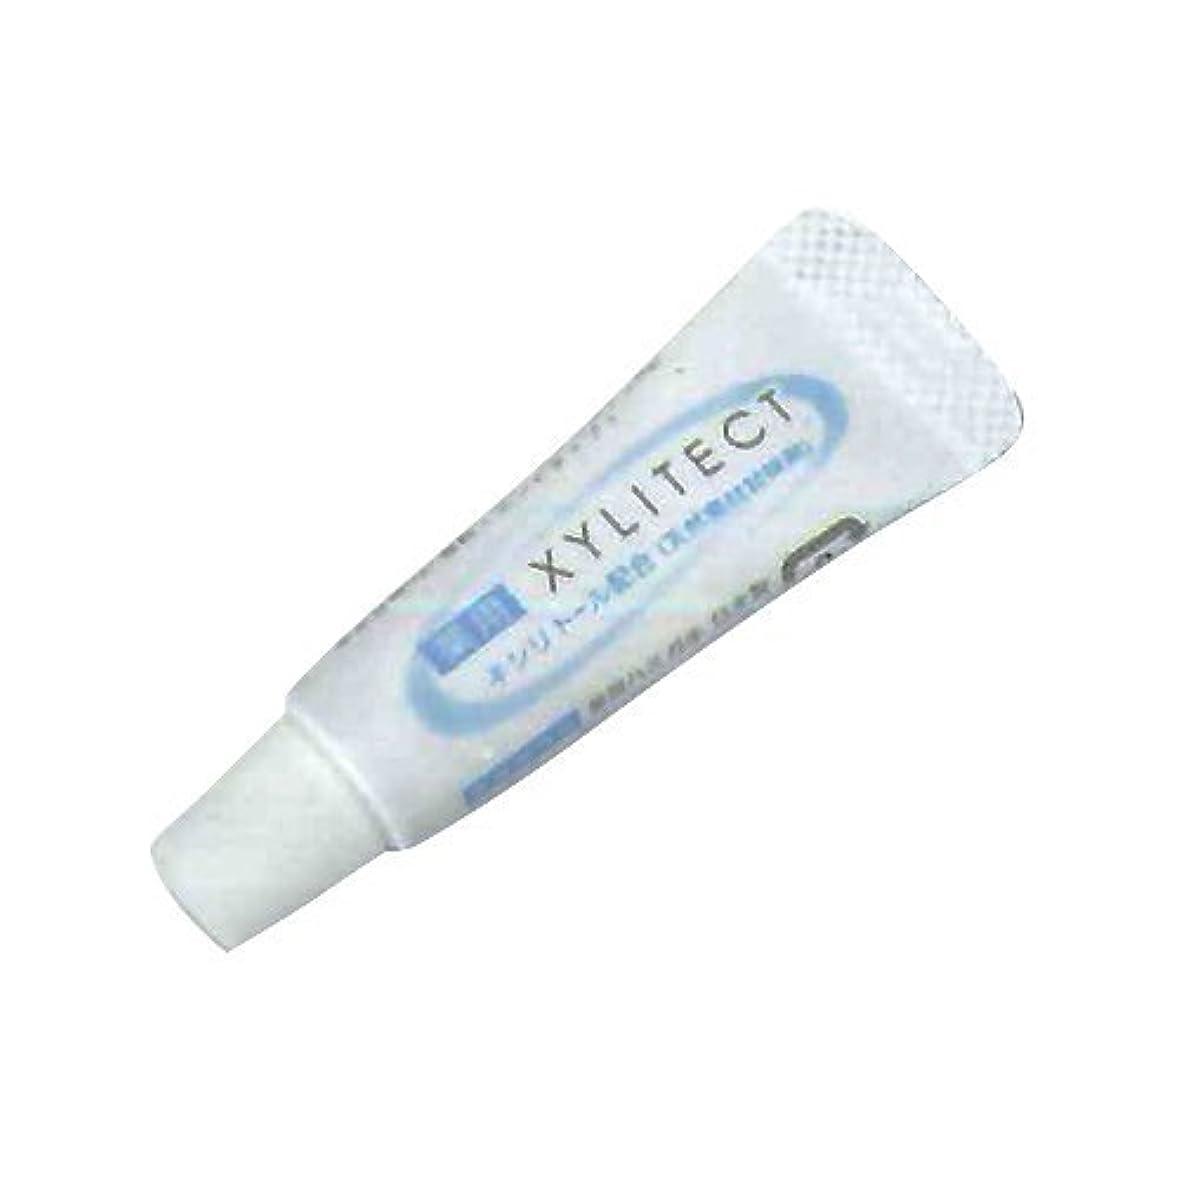 煙突インポートインフレーション業務用歯磨き粉 薬用キシリテクト (XYLITECT) 4.5g ×2000個セット (個包装タイプ)   ホテルアメニティ ハミガキ toothpaste